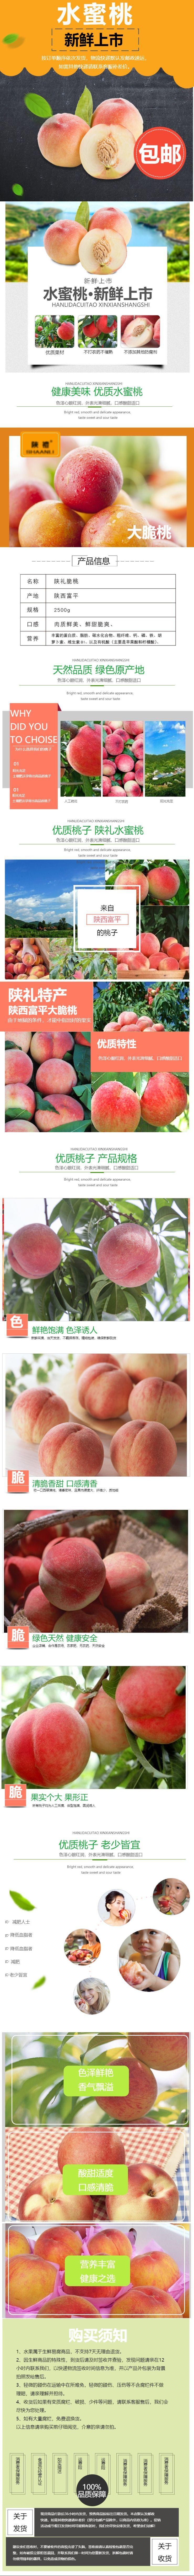 清新简约百货零售水果水蜜桃促销电商详情页